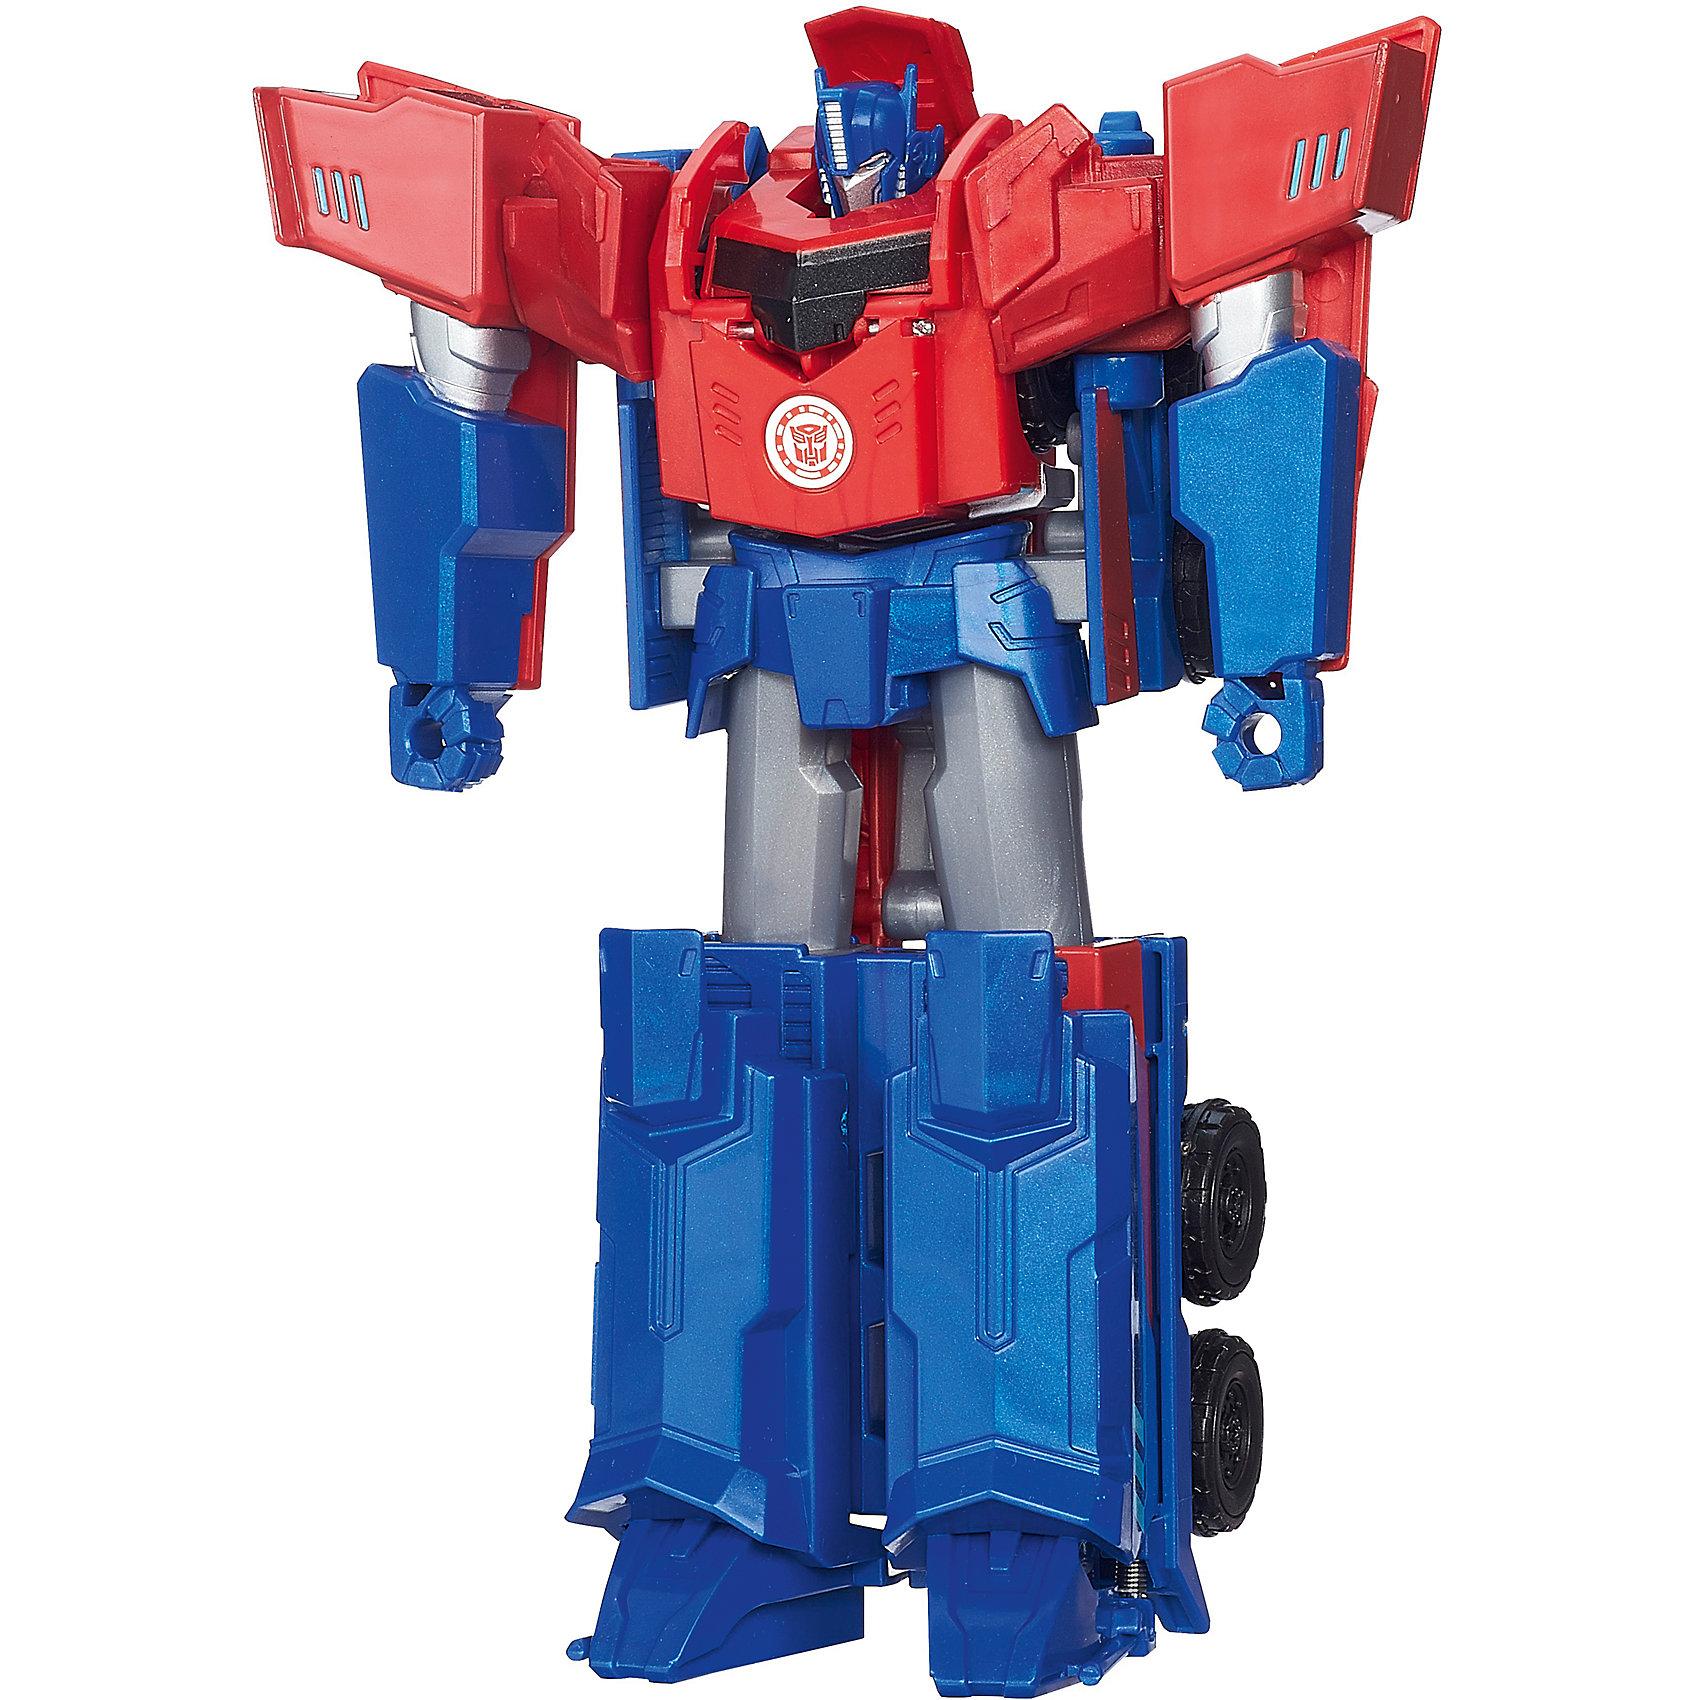 Роботс-ин-Дисгайс Гиперчэндж Оптимус Прайм, ТрансформерыРоботс-ин-Дисгайс Гиперчэндж, Трансформеры (Transformers) - большие фигурки любимых персонажей с лёгкой и эффектной трансформацией. Эта игрушка не только понравится всем мальчишкам, она поможет развить мелкую моторику, внимание и фантазию ребенка. Выполнена из высококачественного прочного пластика, безопасного для детей.<br><br>Дополнительная информация:<br><br>- Материал: пластик<br>- Размер упаковки: 8 x 20 х 23 см.<br><br>Роботс-ин-Дисгайс Войны, Трансформеров (Transformers), можно купить в нашем магазине.<br><br>Ширина мм: 79<br>Глубина мм: 203<br>Высота мм: 229<br>Вес г: 300<br>Возраст от месяцев: 60<br>Возраст до месяцев: 120<br>Пол: Мужской<br>Возраст: Детский<br>SKU: 4874303